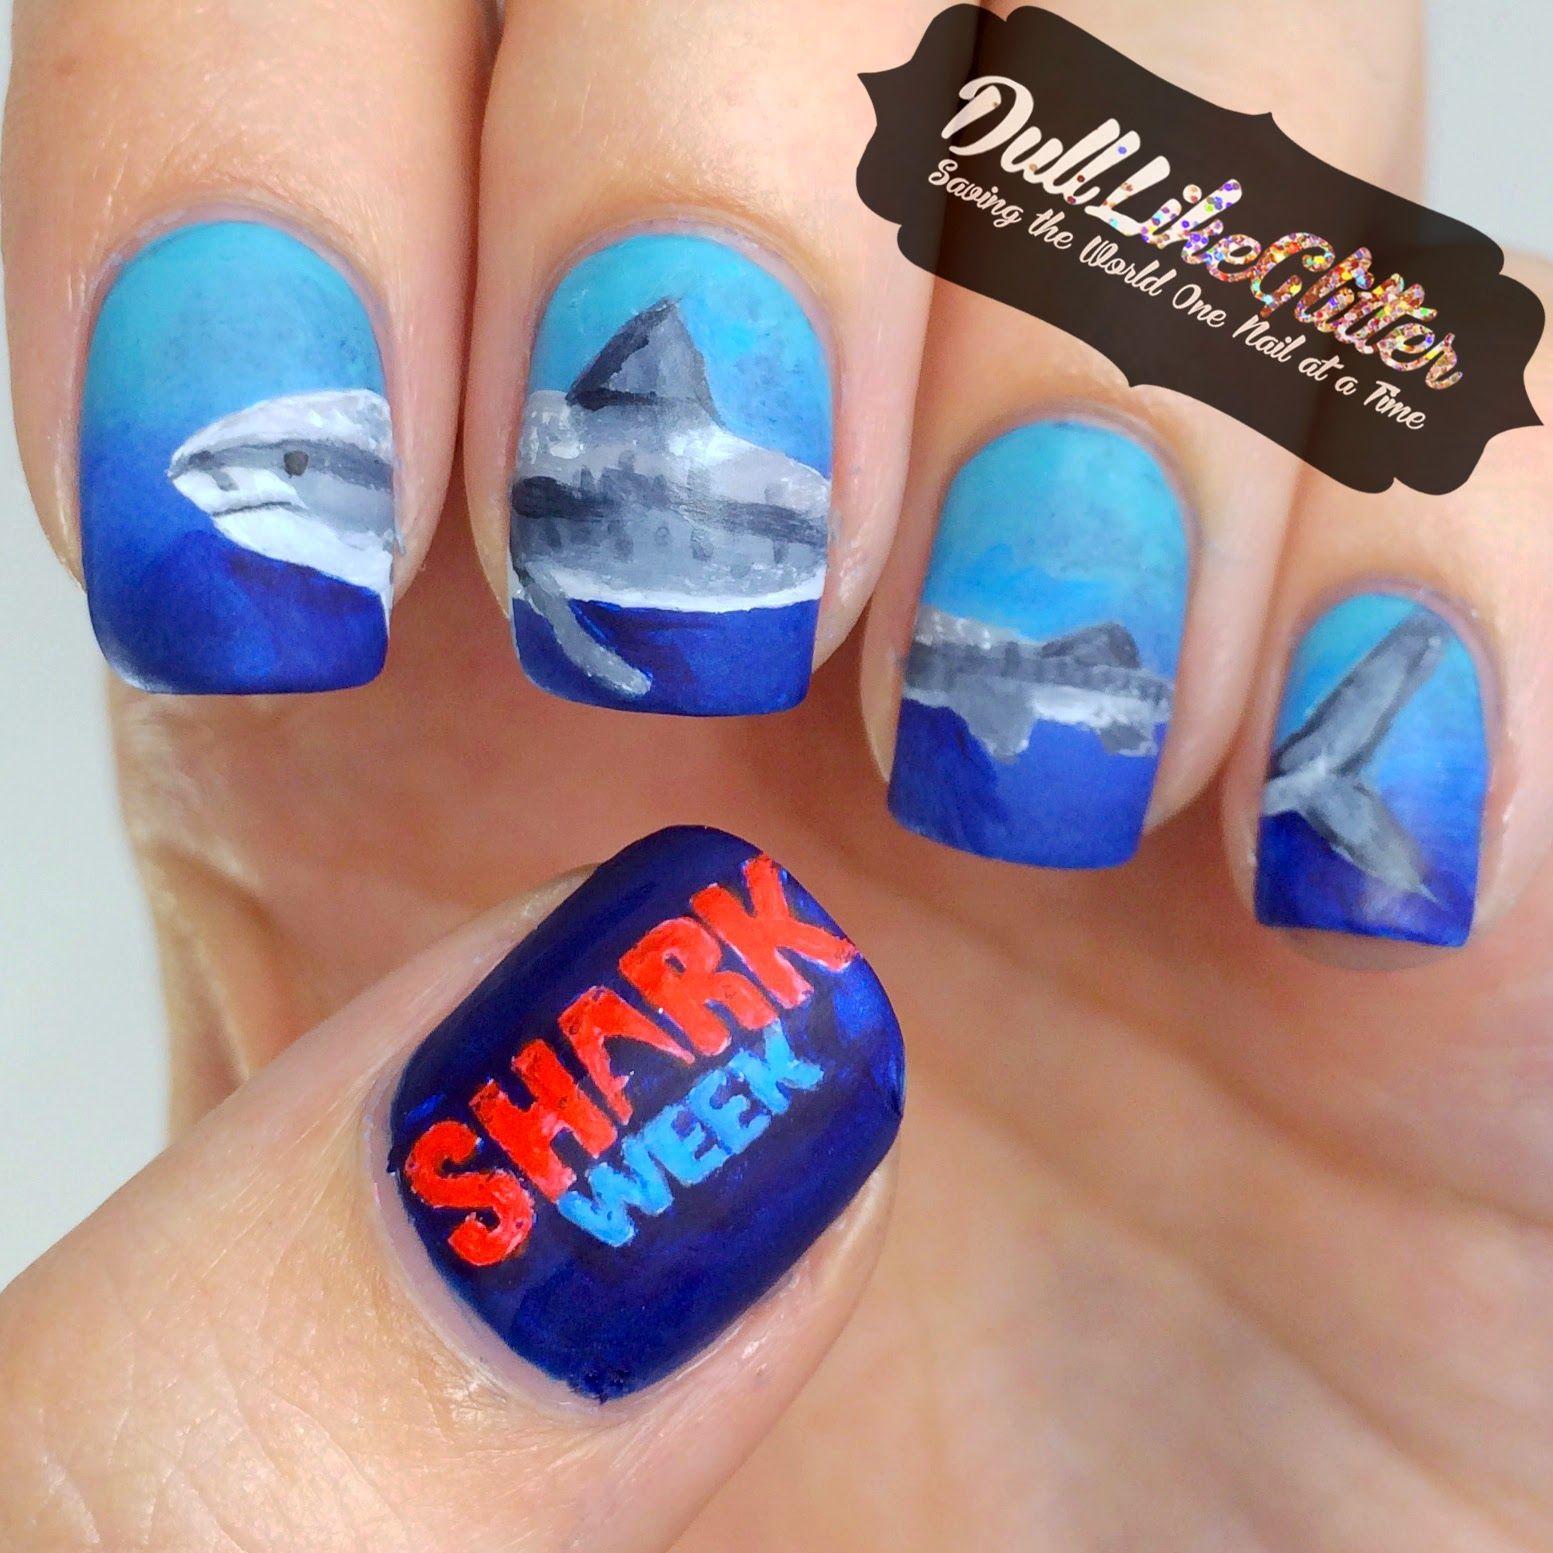 Saving The World One Nail At A Time Shark Week Nail Art Cute